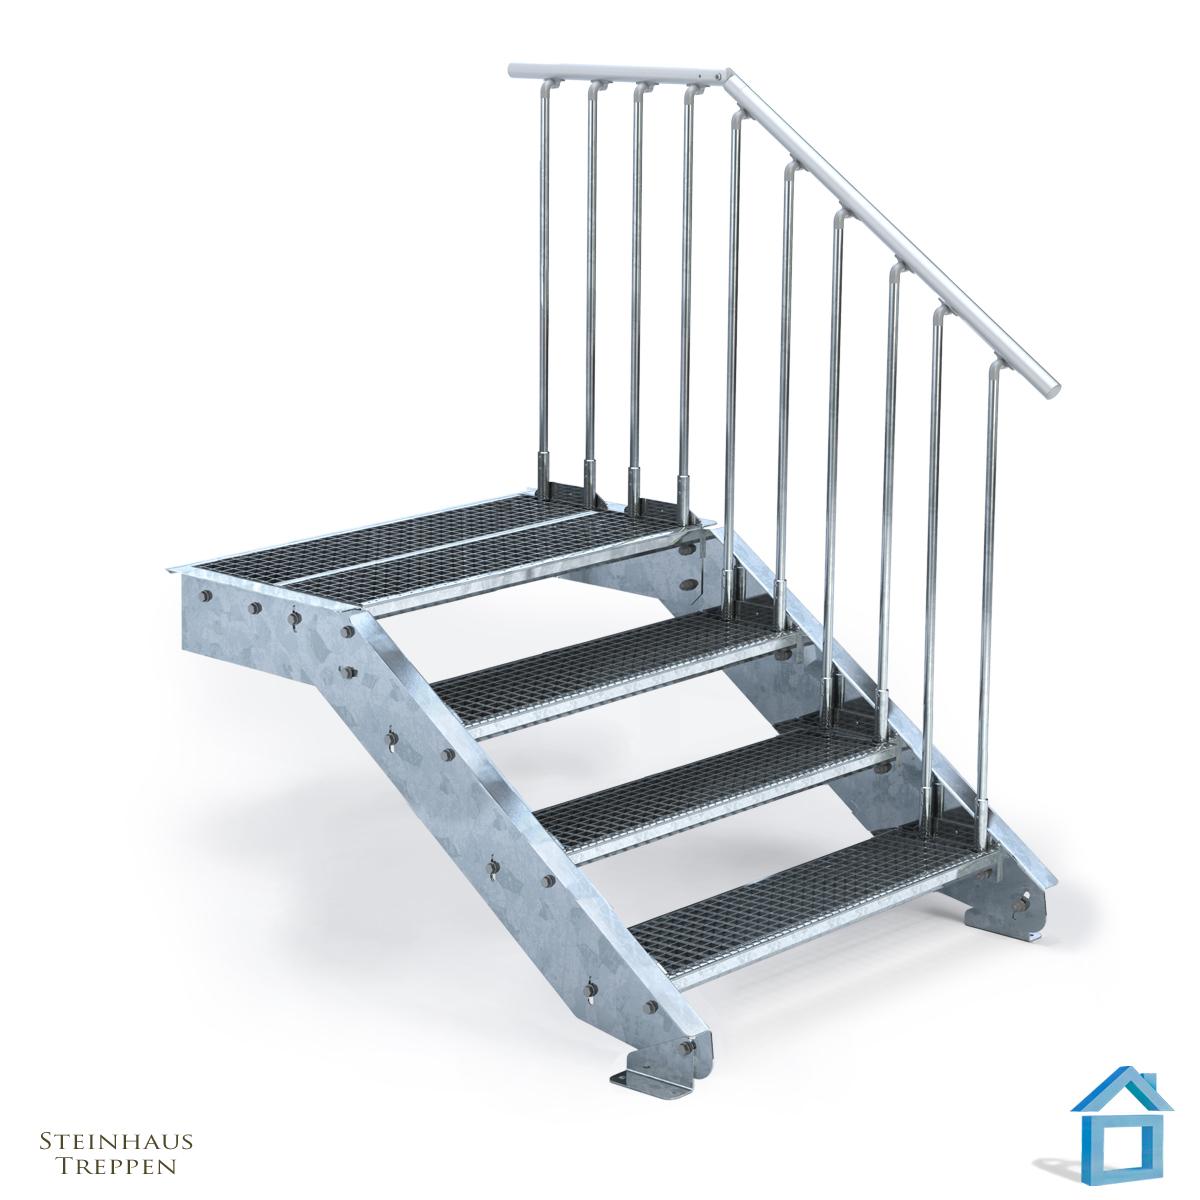 treppenaufgang mit 4 stahlstufen und langem wandanschluss. Black Bedroom Furniture Sets. Home Design Ideas